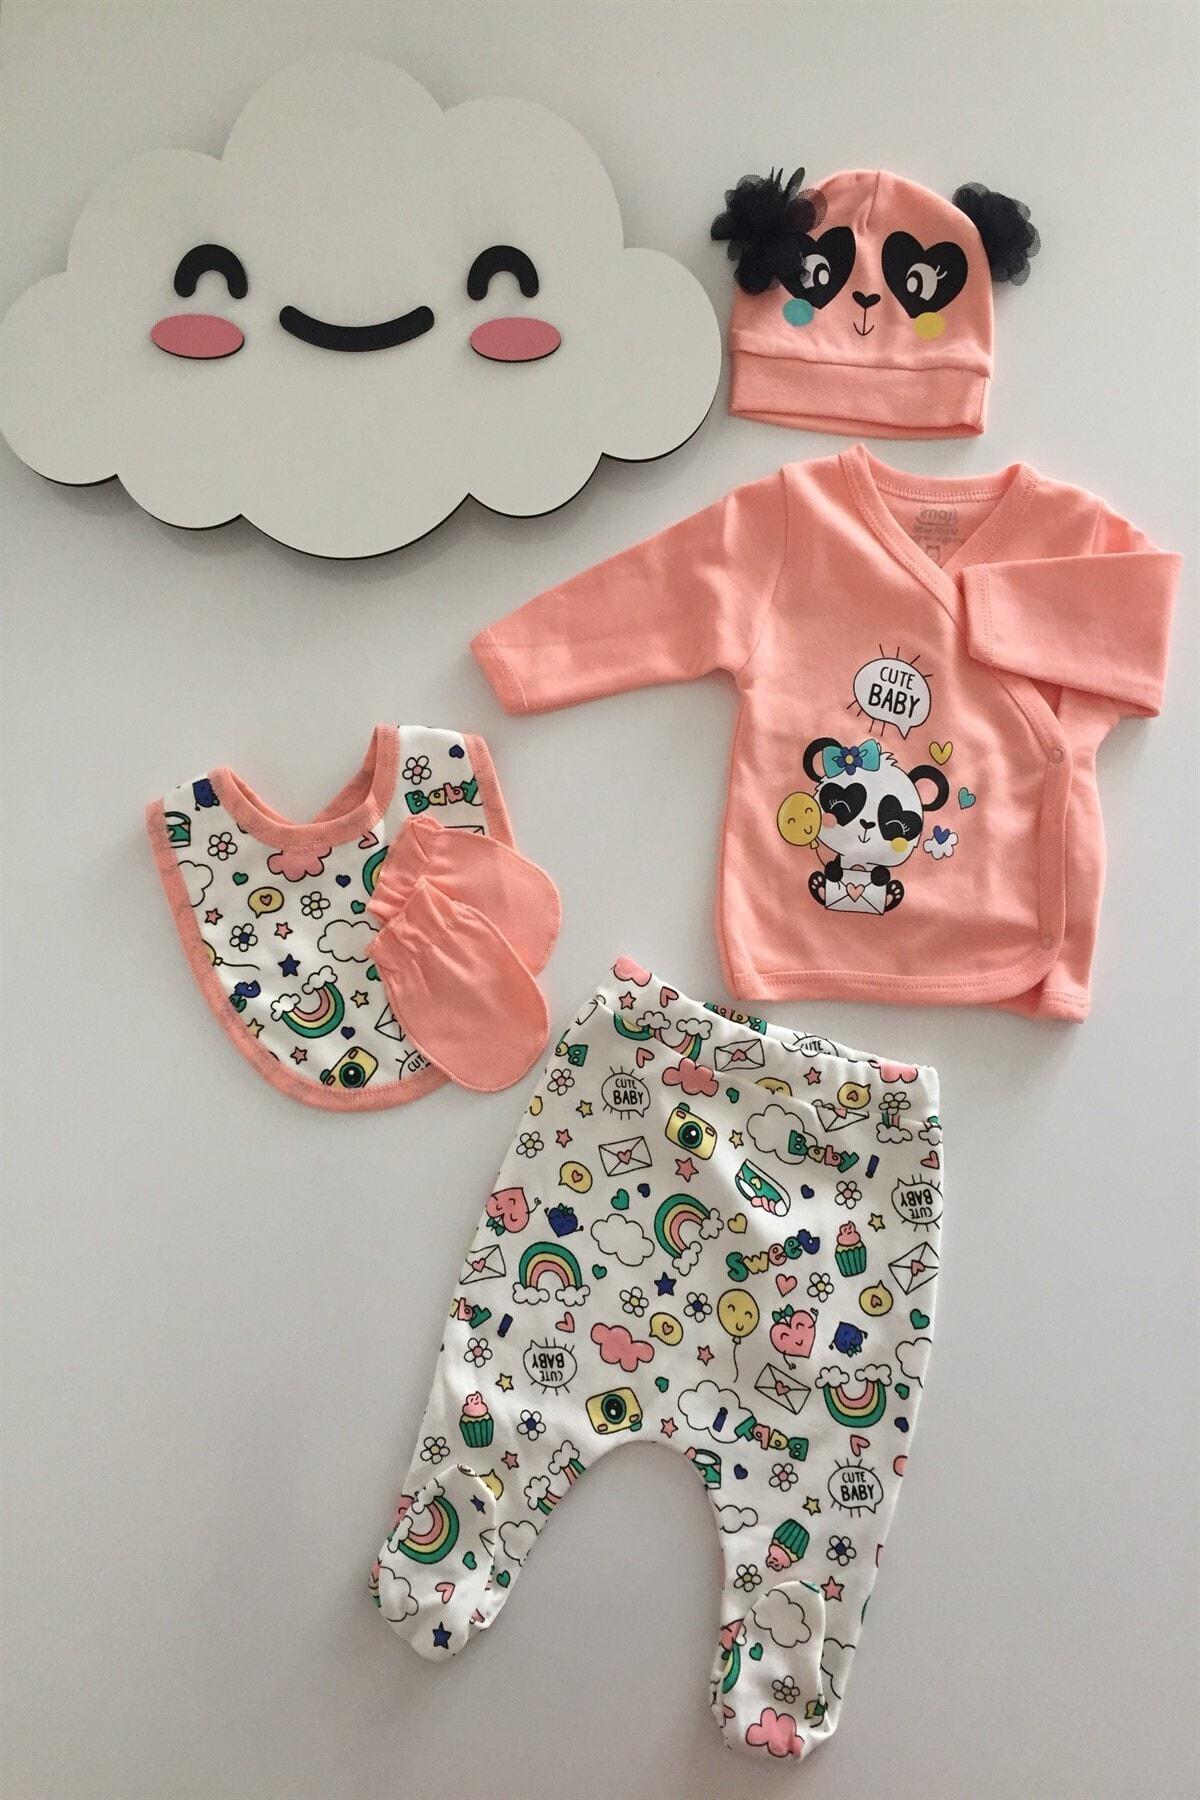 İmaj Kız Bebek 5 Parça Hastane Çıkışı %100 Pamuk Ürün Panda Detaylı 1